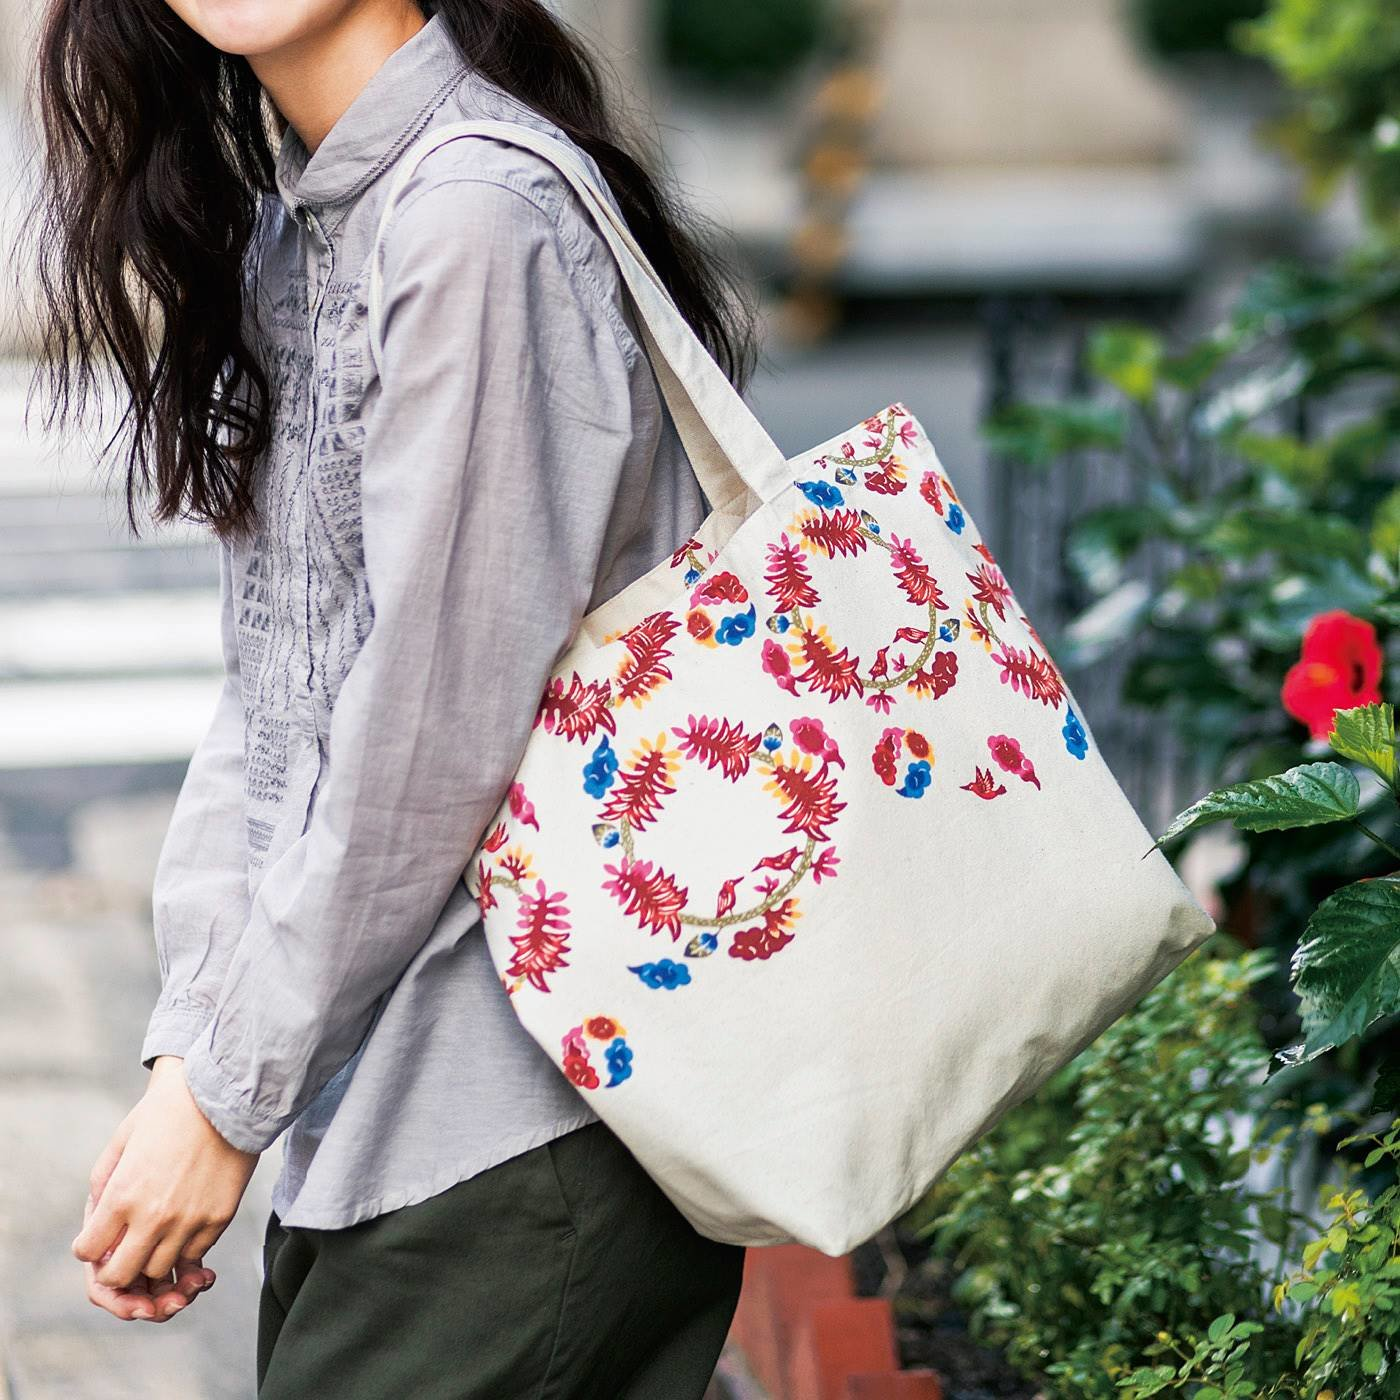 いつもの服にも花を添える 琉球紅型プリントトートバッグの会